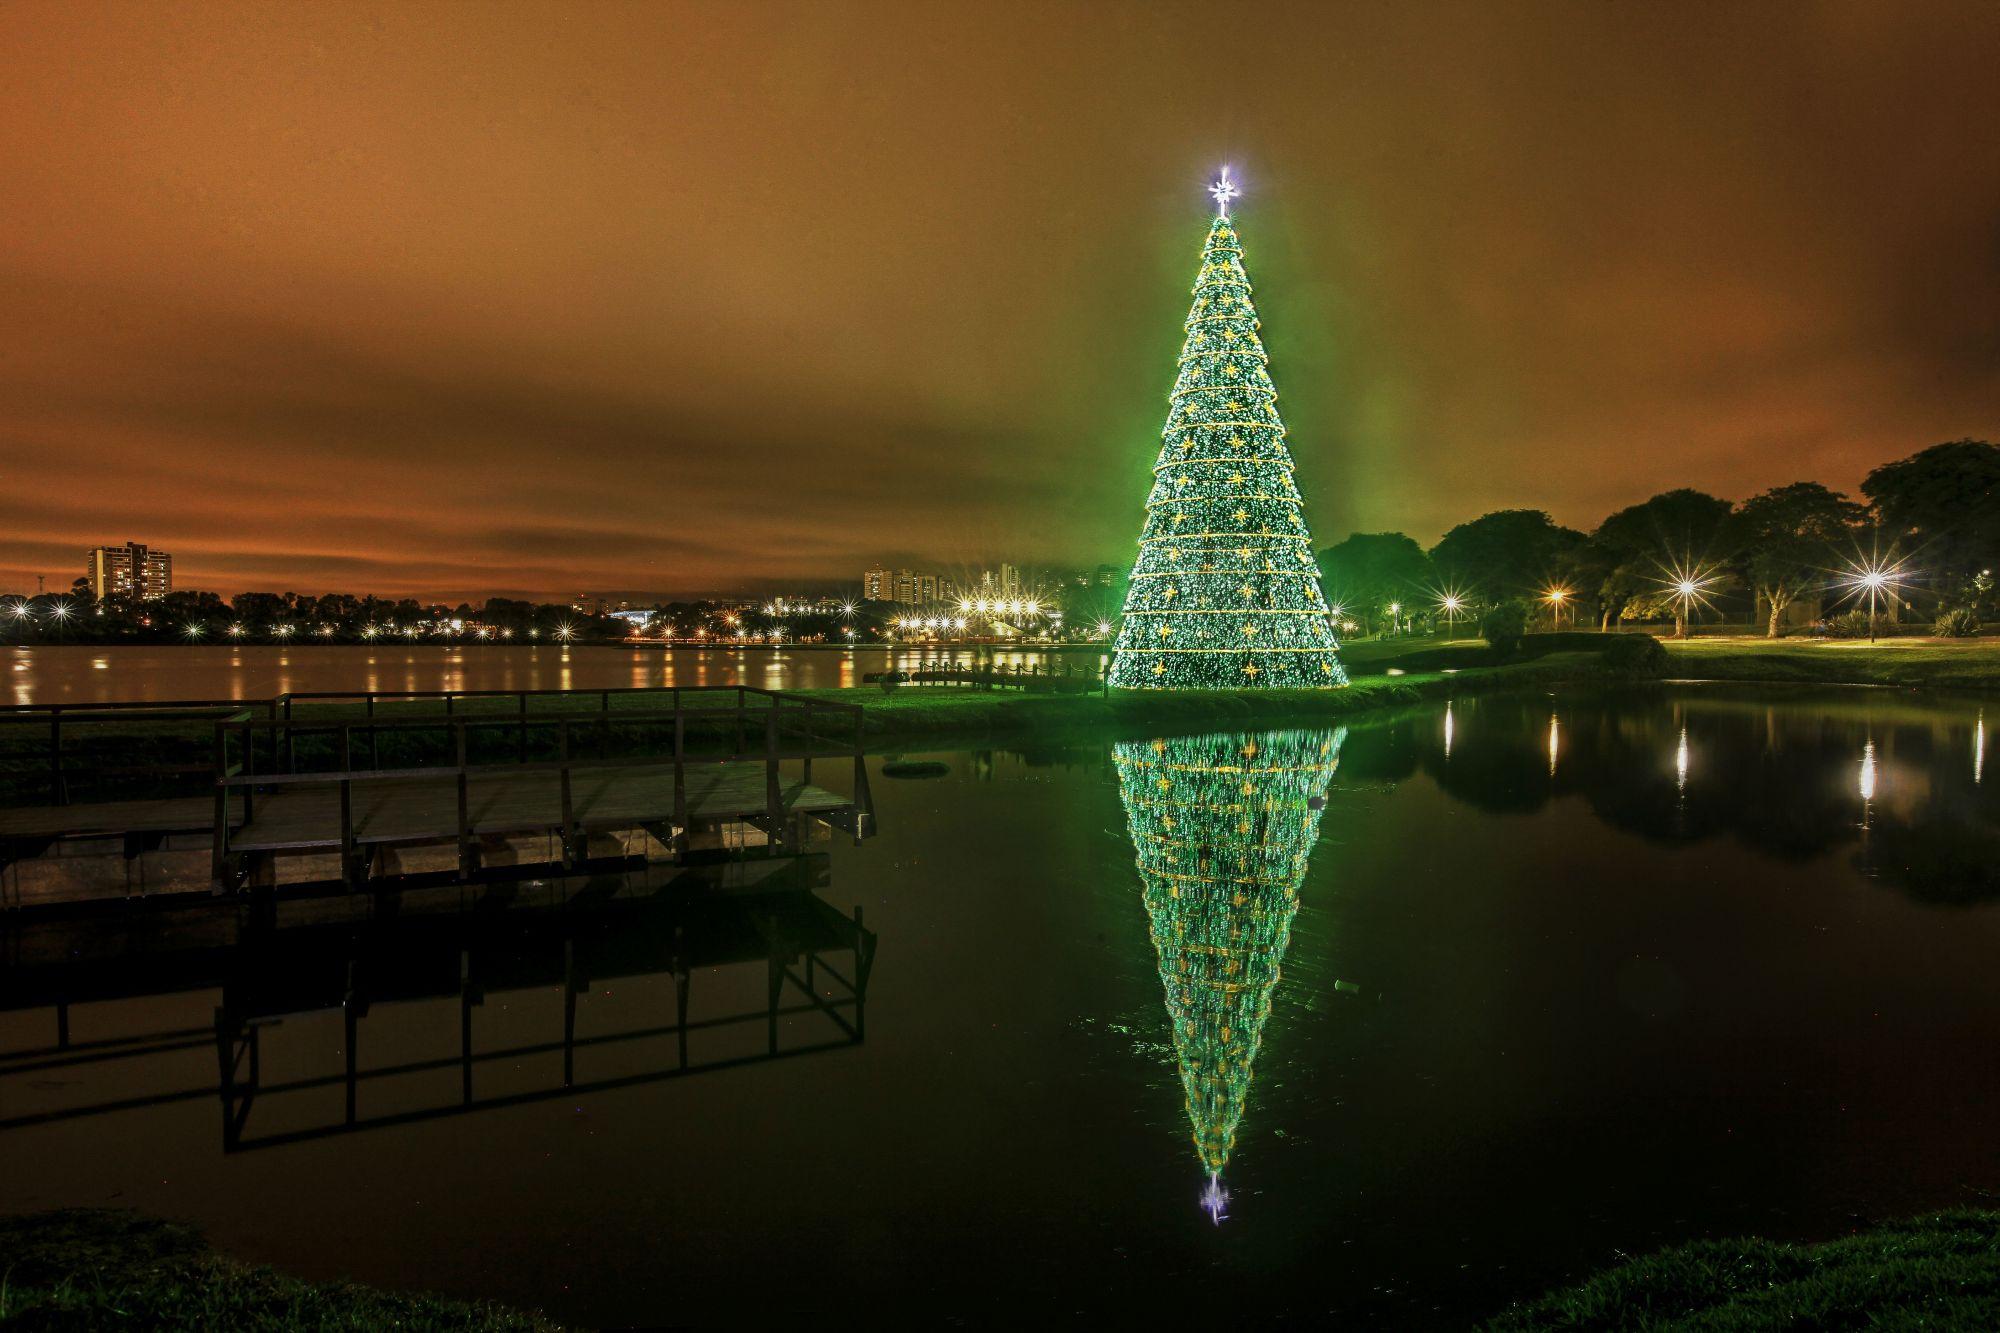 Árvores de Natal em praças e parques para tirar as melhores fotos em Curitiba